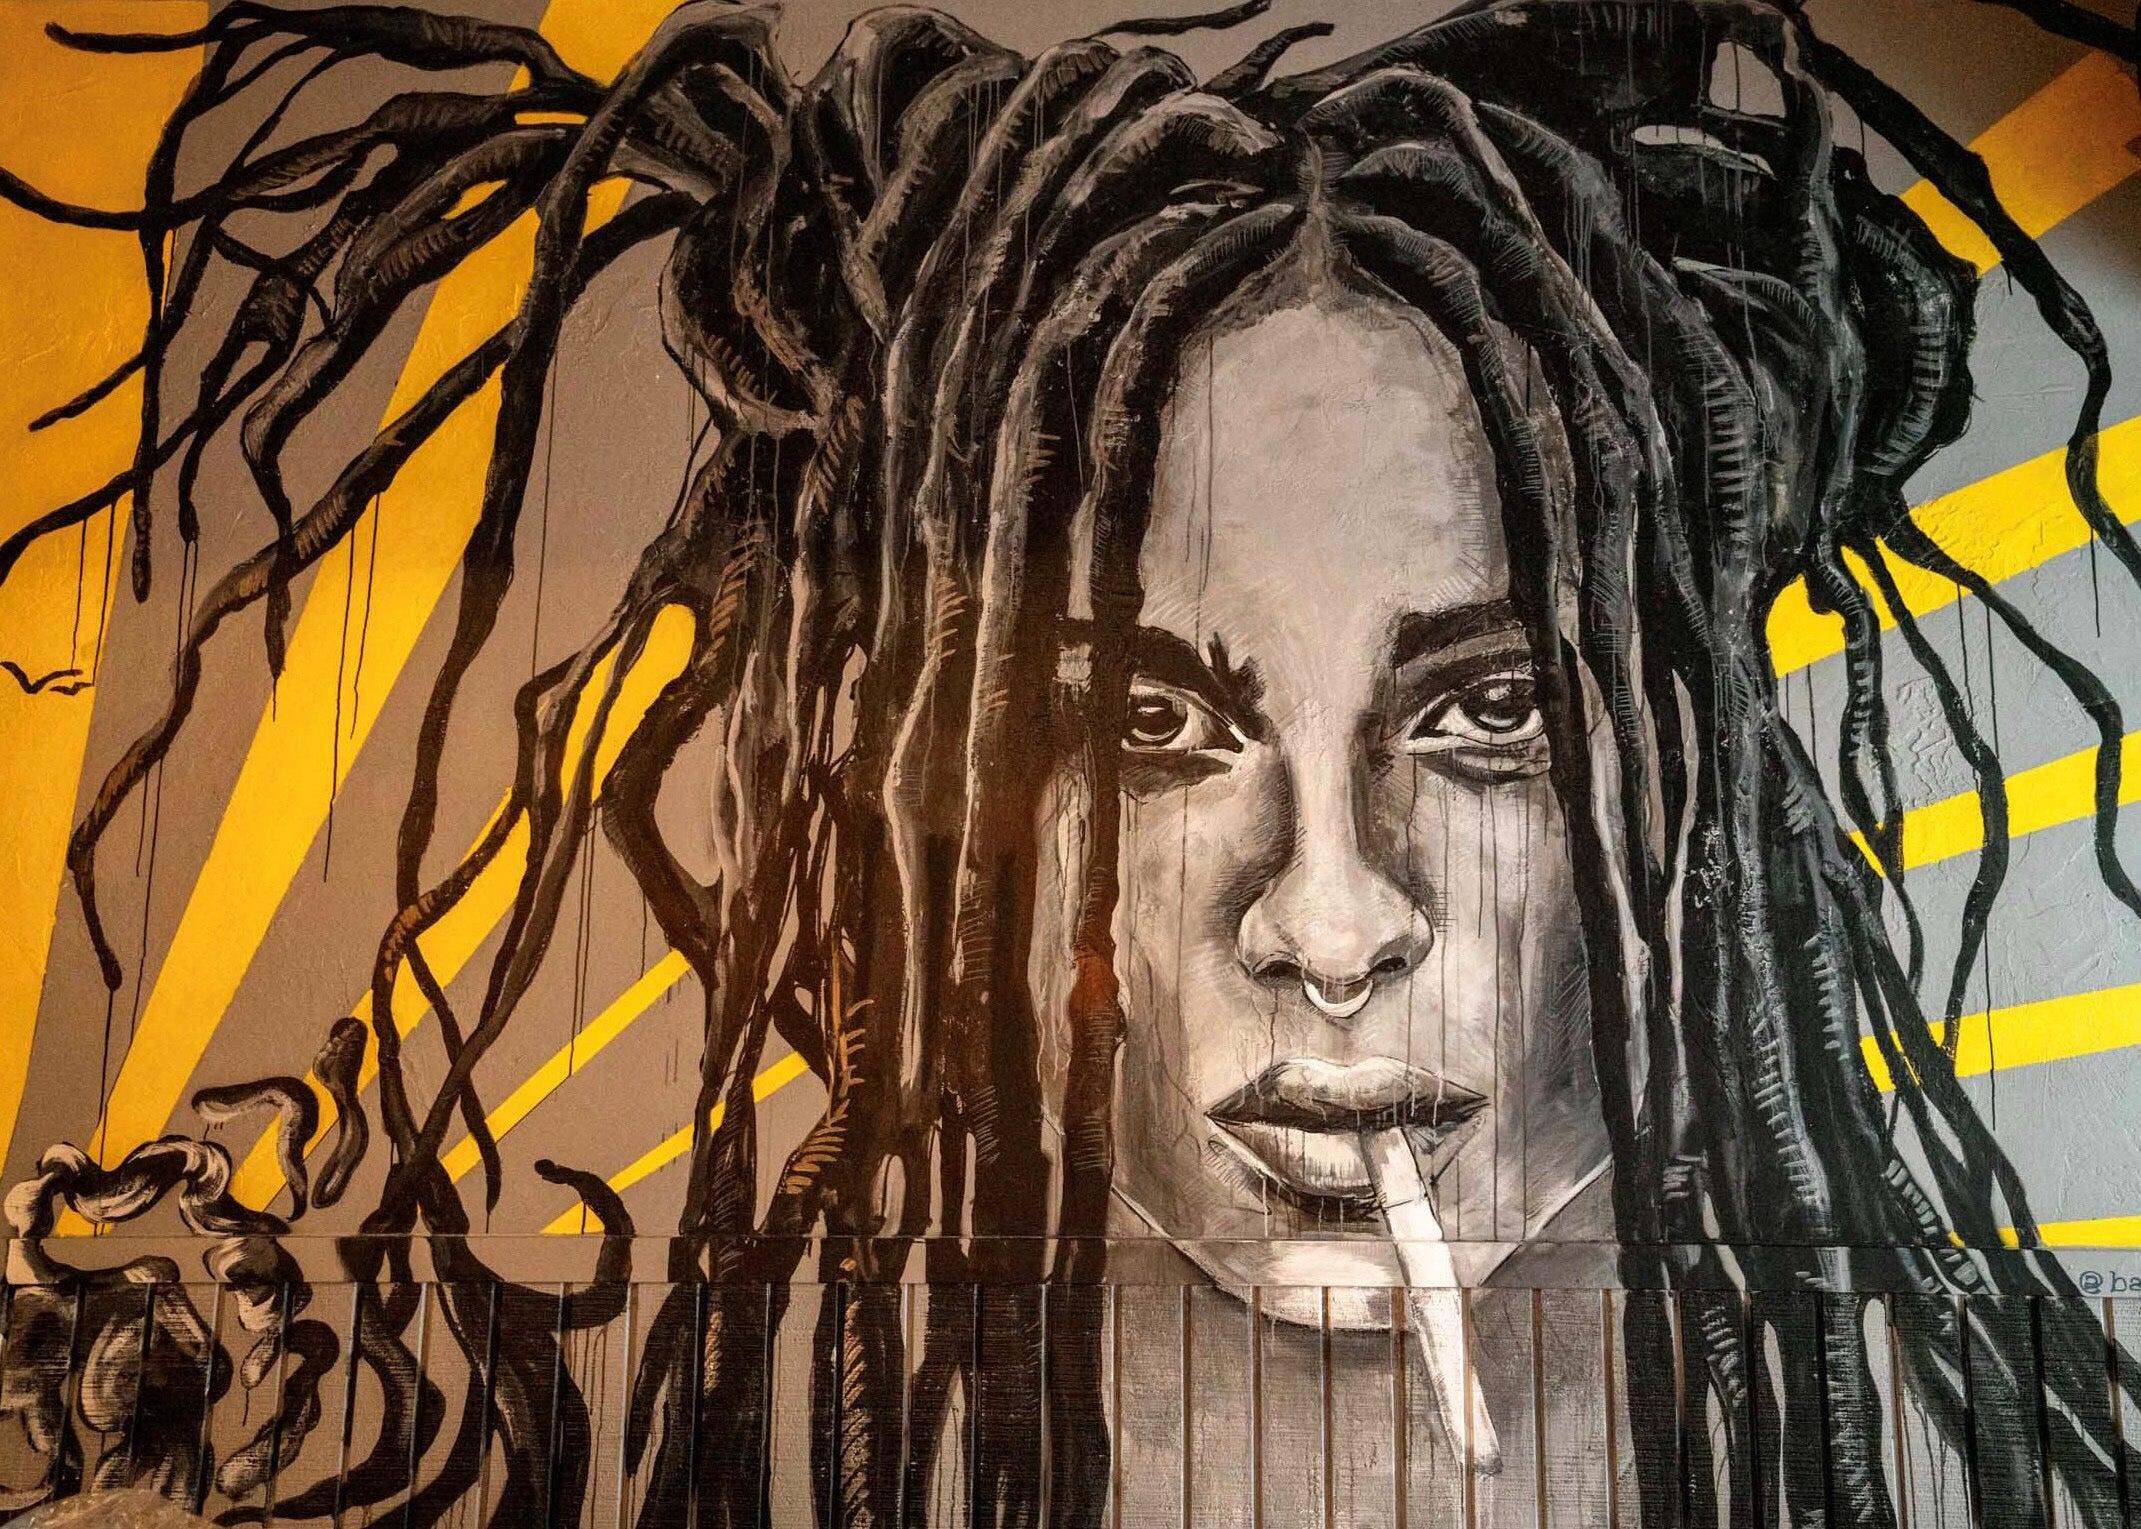 A mural at Pollo Club